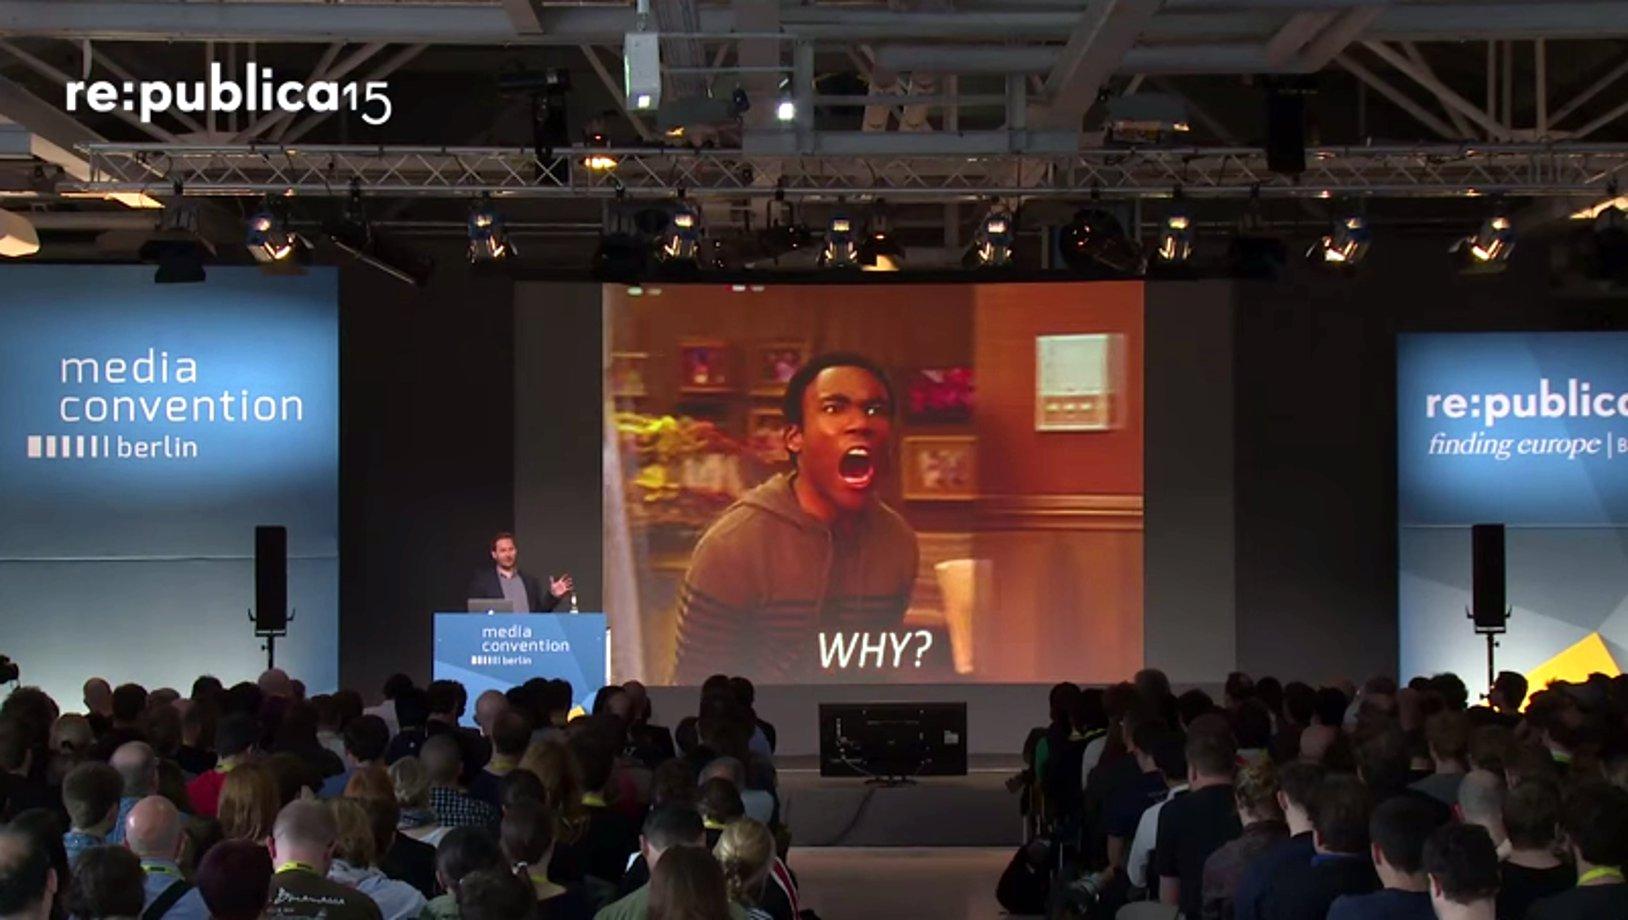 Friedemann KLarig spricht auf der re:publica 2015 über die Abschaffung der Wahrheit